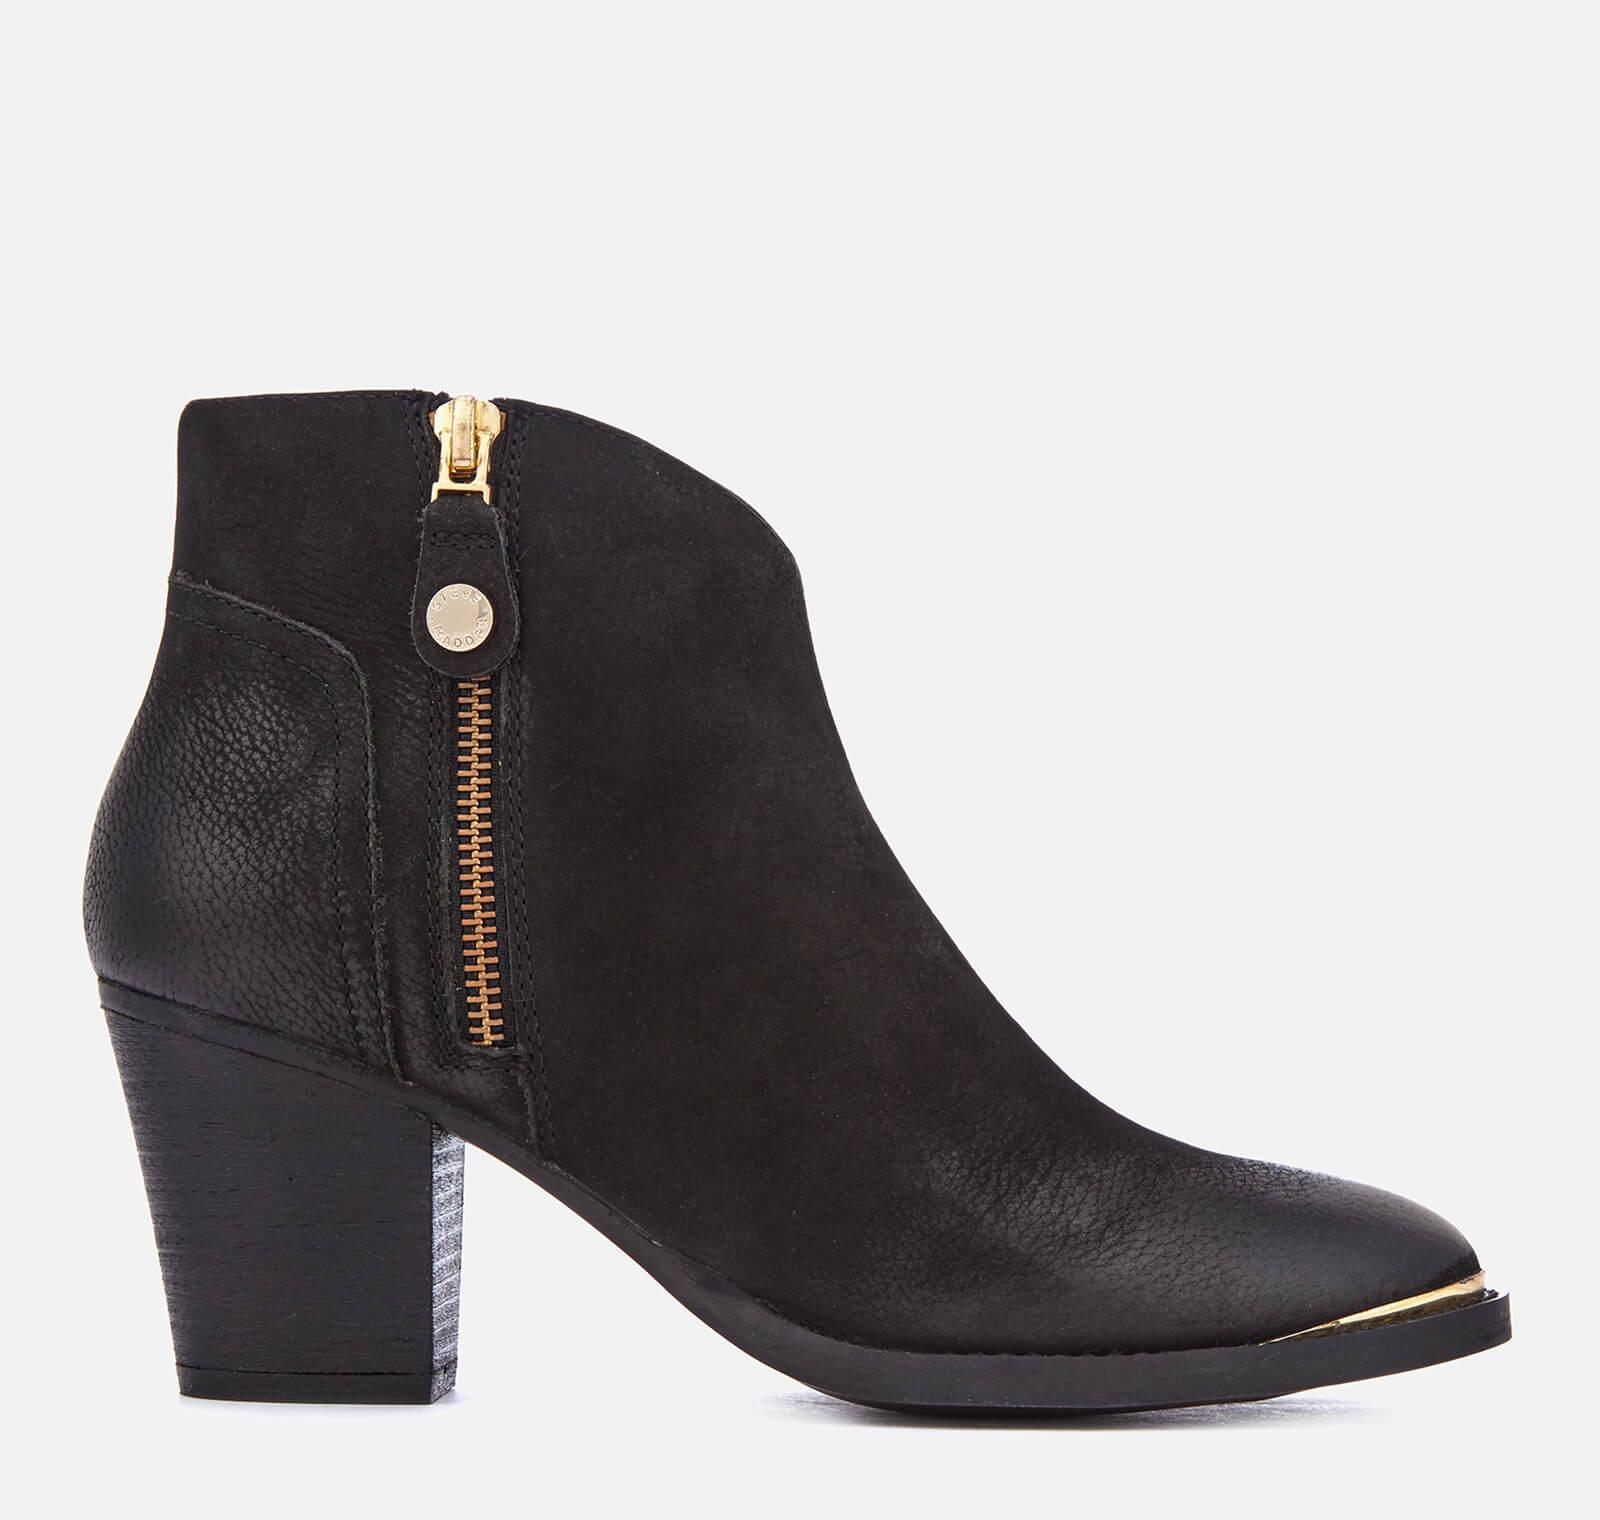 13801eaf862 Steve Madden Women's Francy Nubuck Heeled Ankle Boots - Black